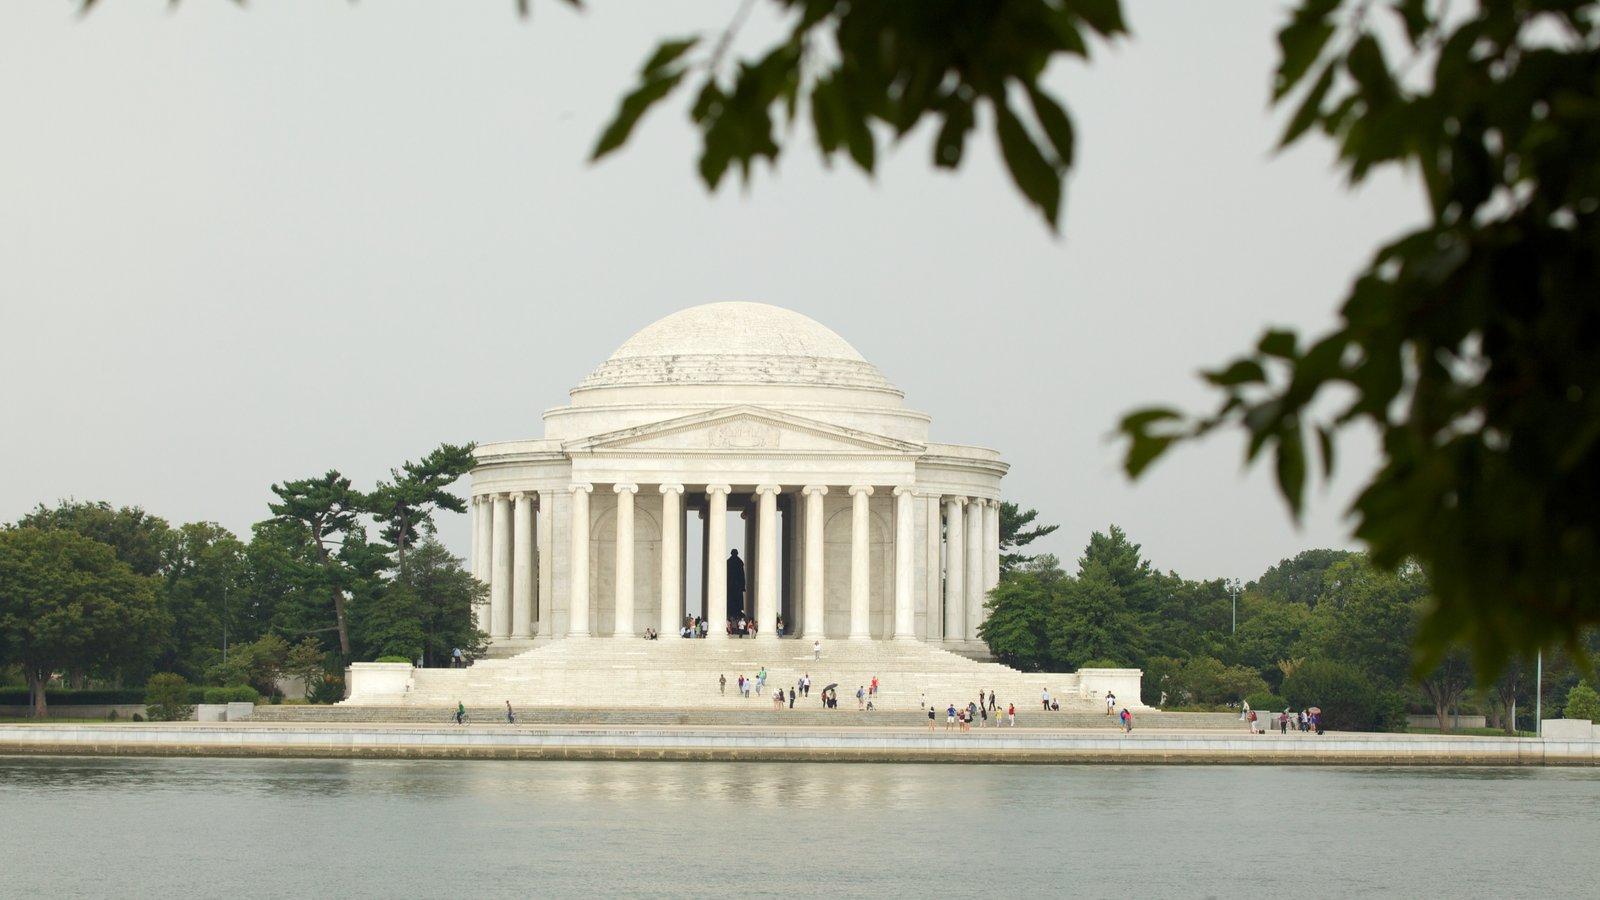 Jefferson Memorial caracterizando um memorial e paisagem